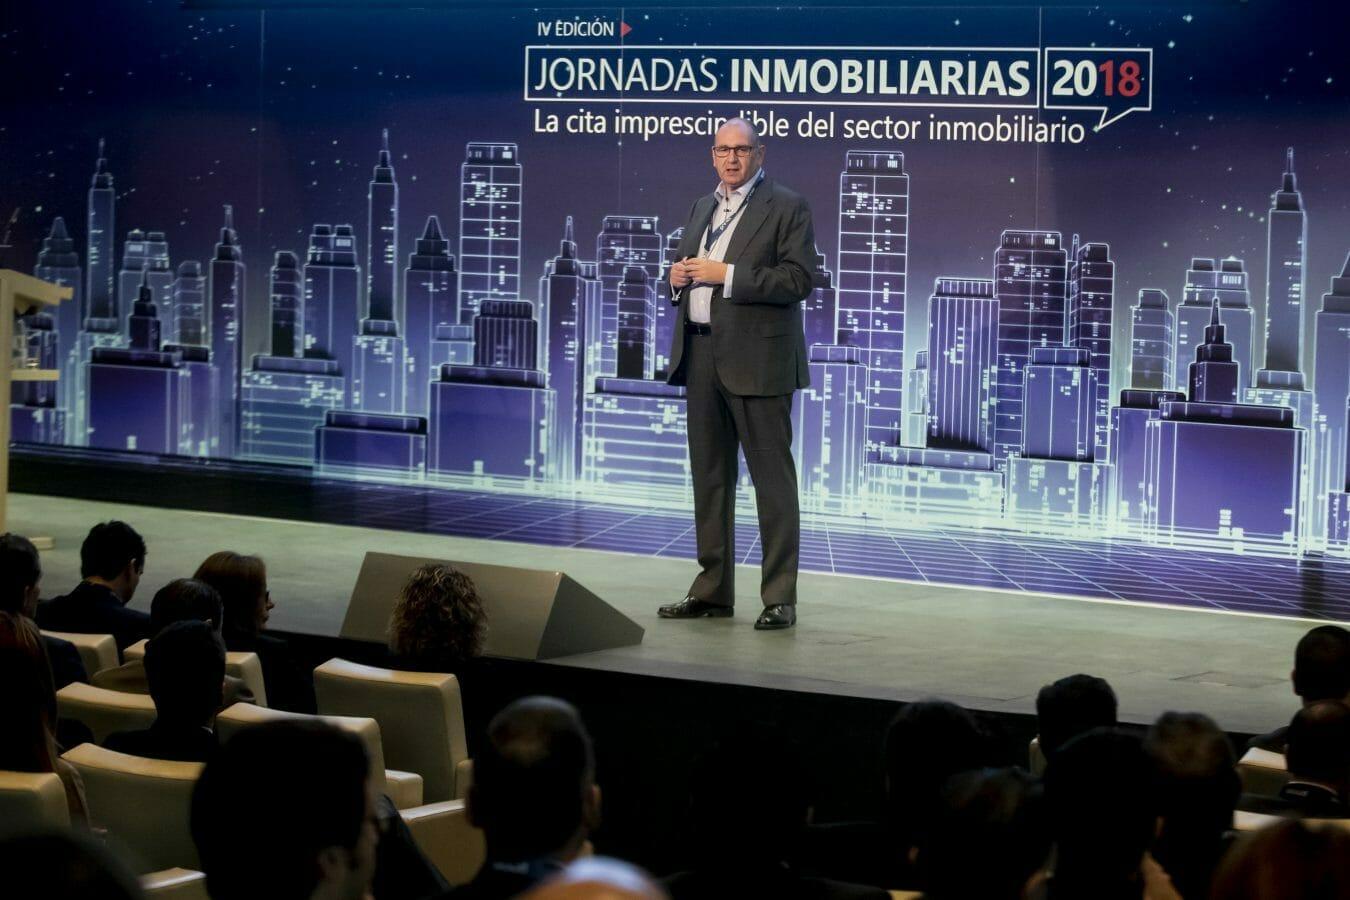 2018-11-14 JORNADAS INMOBILIARIAS PRINEX 18